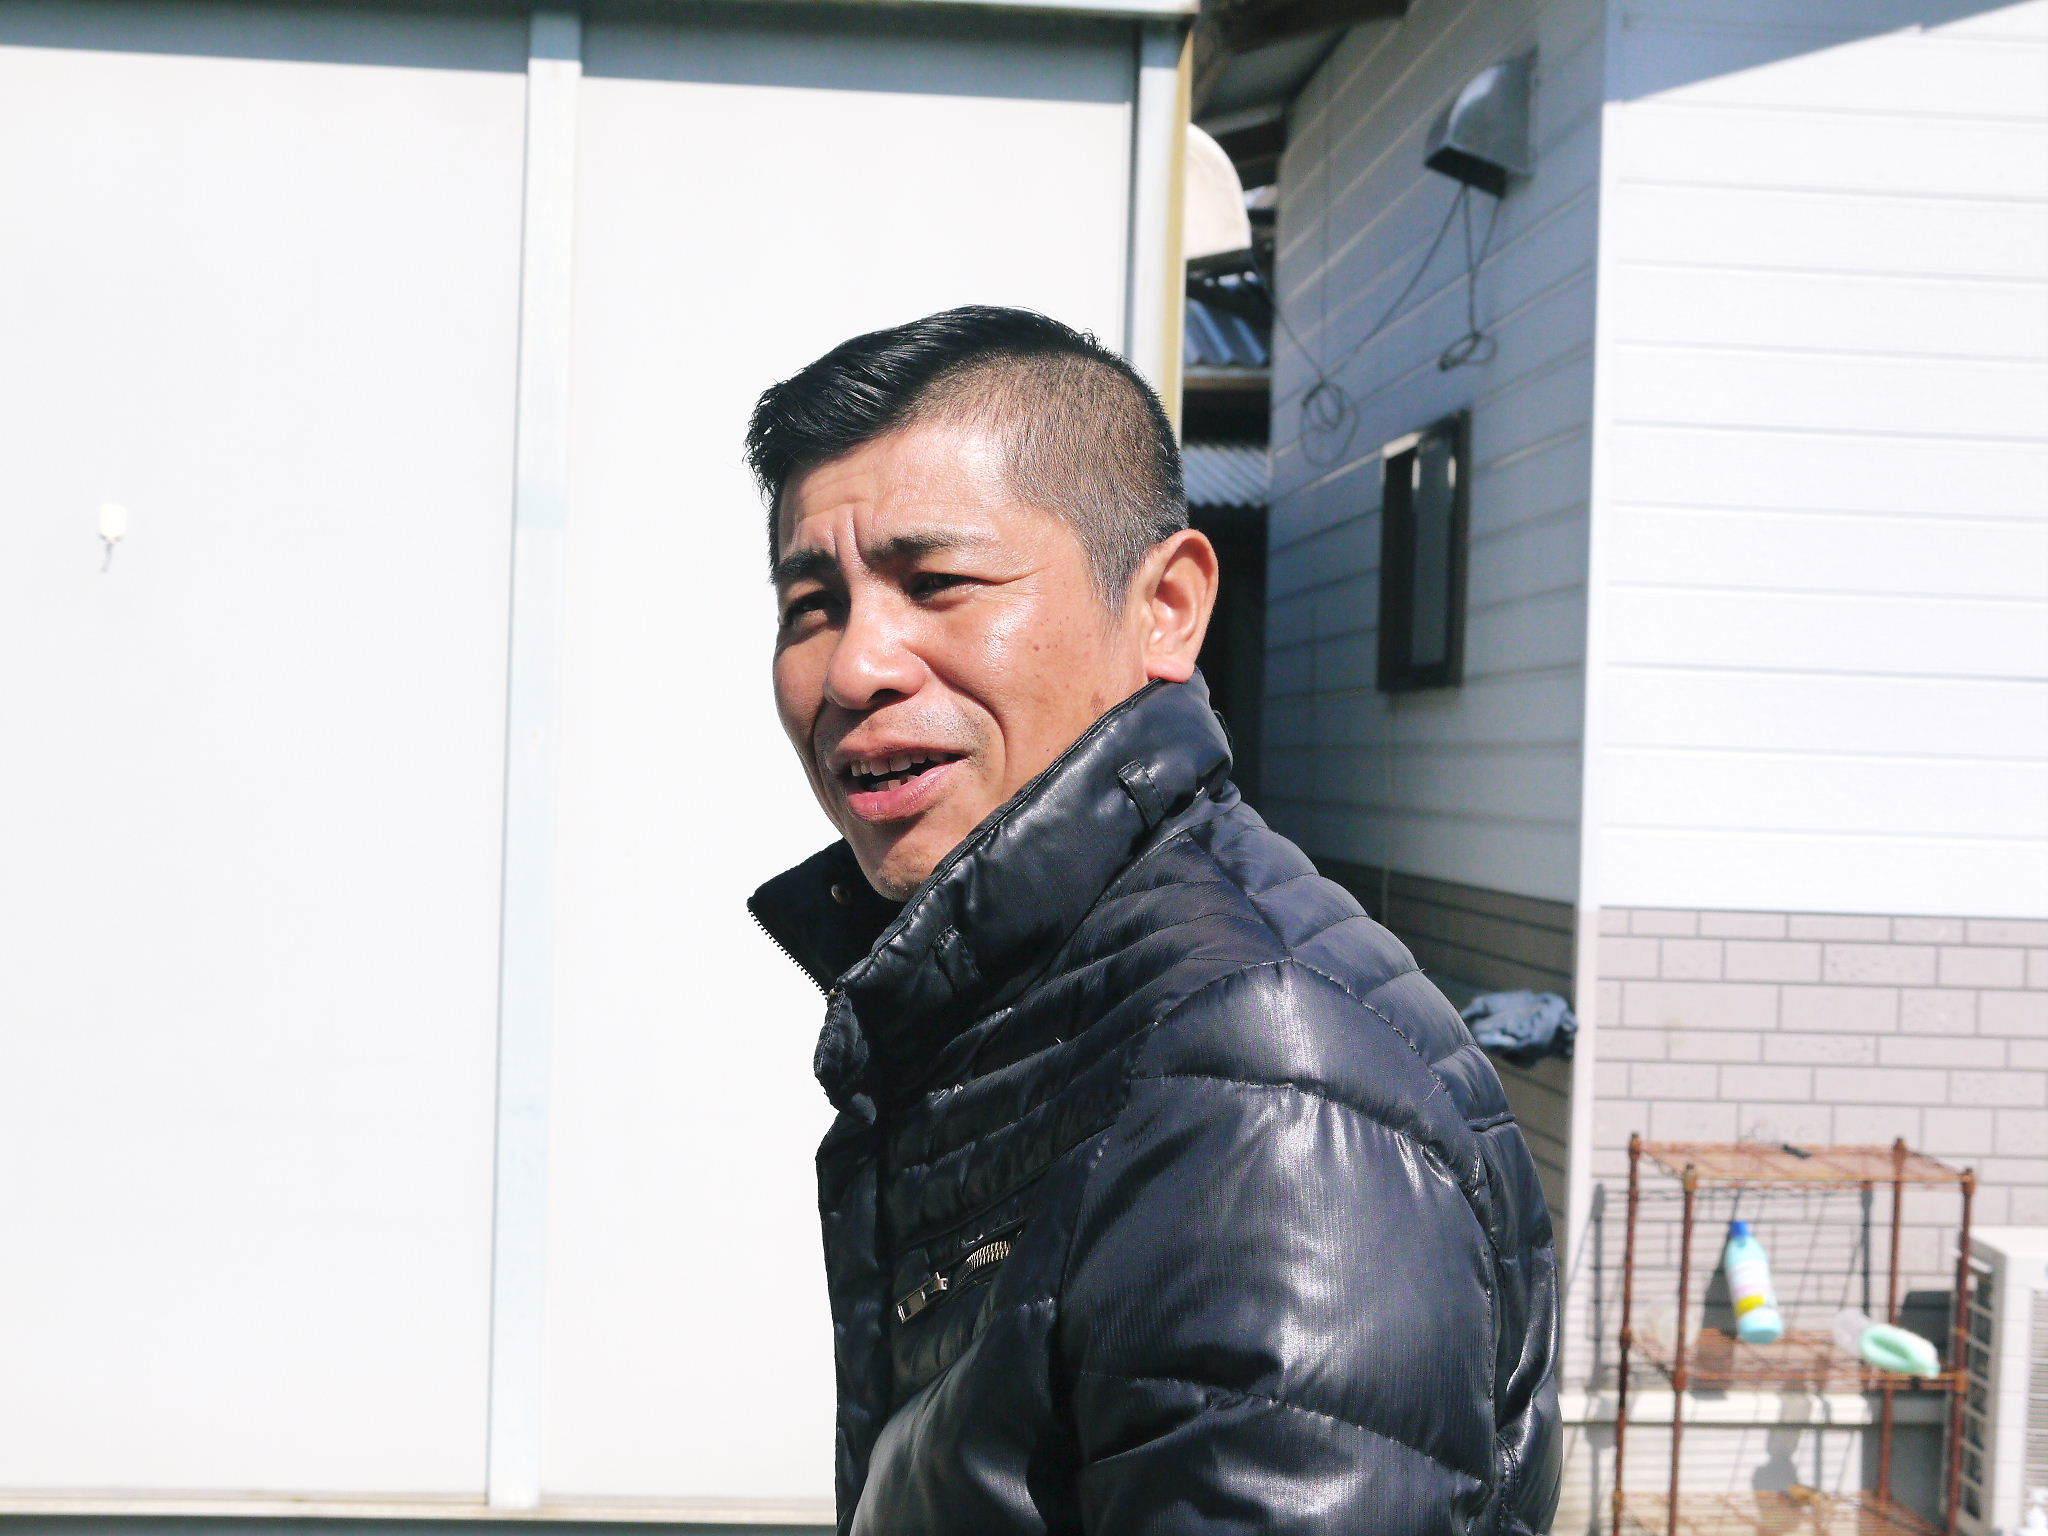 大人気!熊本県産A5ランク黒毛和牛100%のハンバーグステーキ!毎月1回の限定販売!3月は24日発送! _a0254656_18160516.jpg